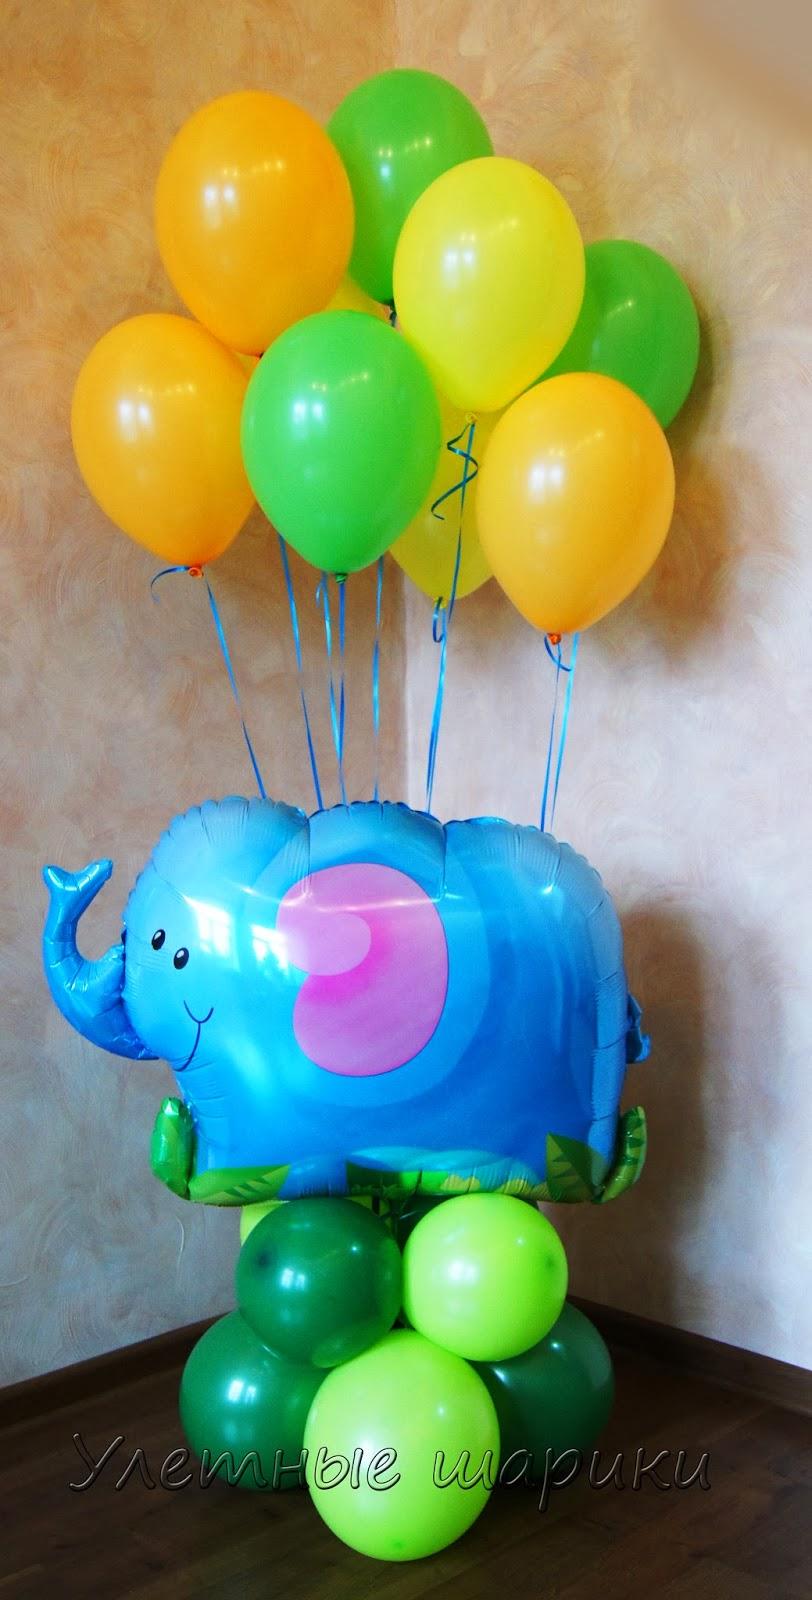 Композиция с слоном из воздушных шариков